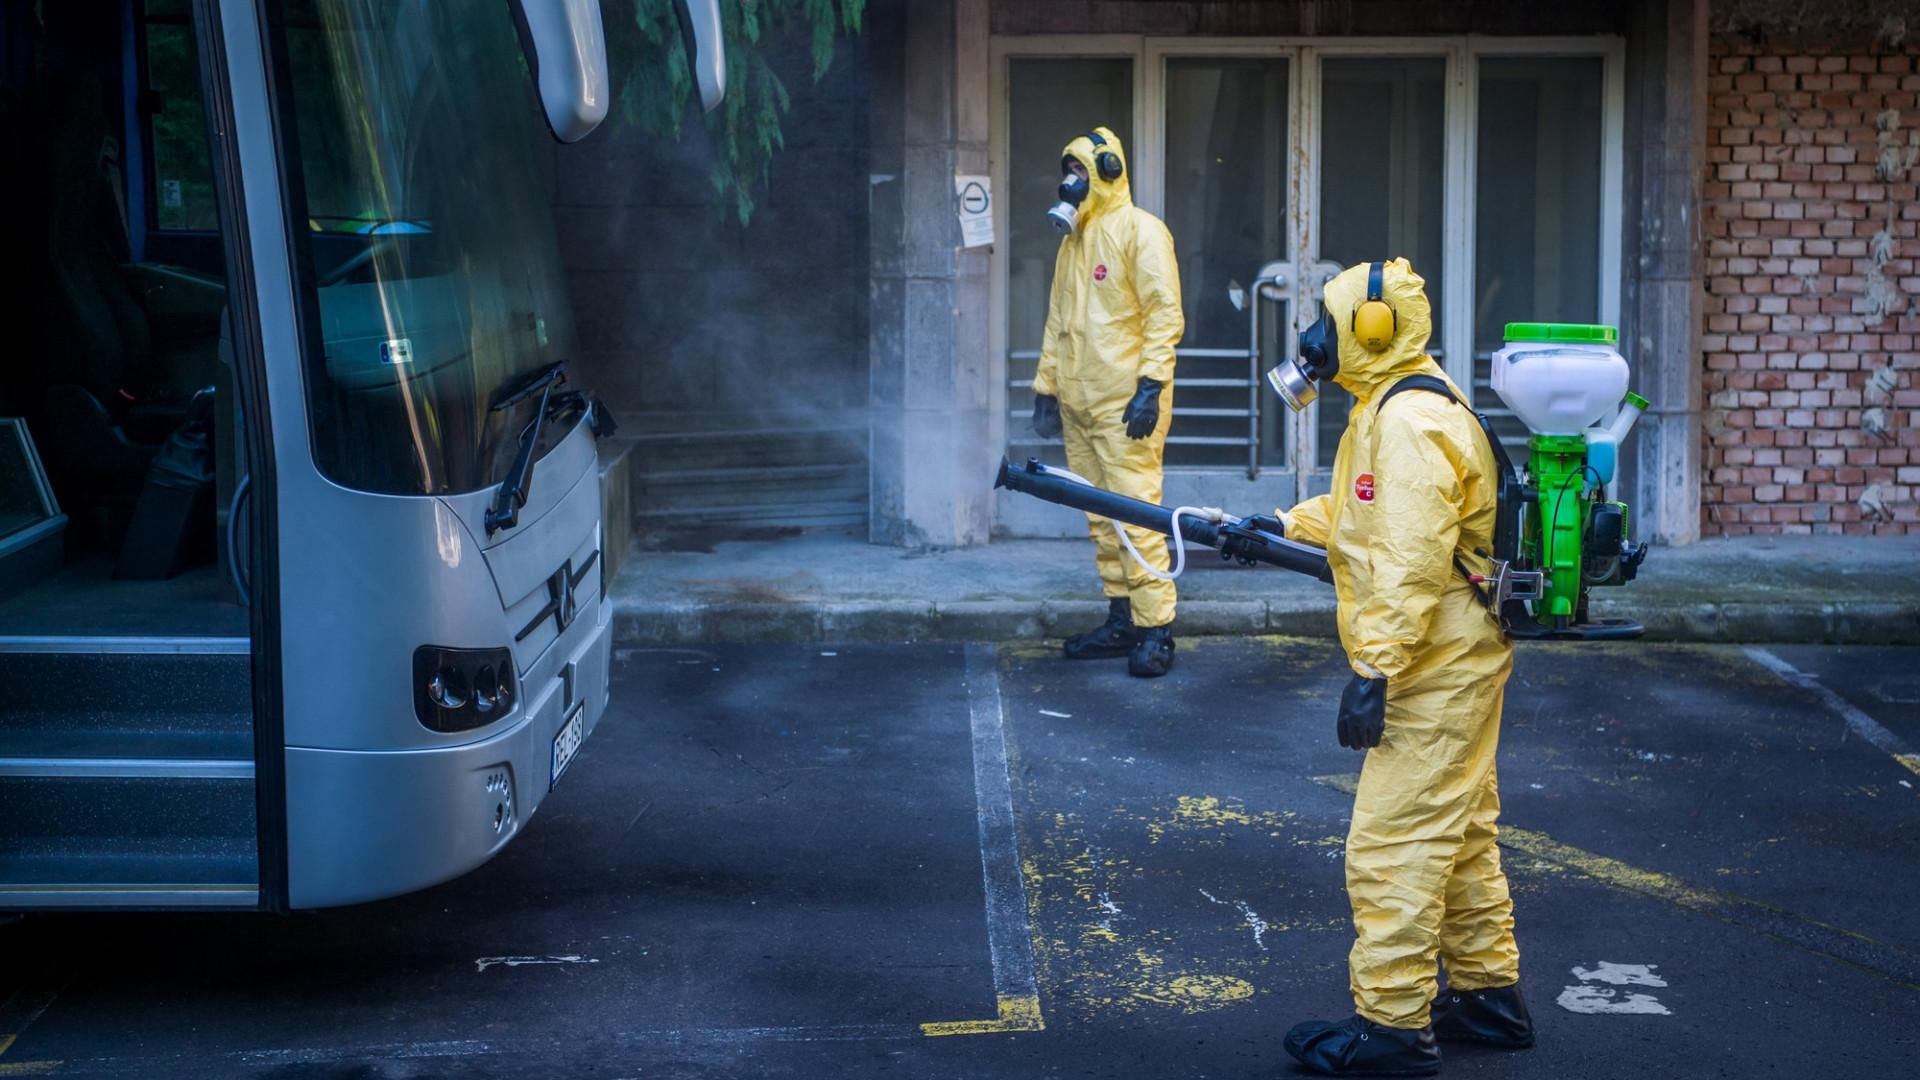 Koronavírus: ritkán látni akkora robbanást a világban, mint ami Magyarországon és Csehországban történik